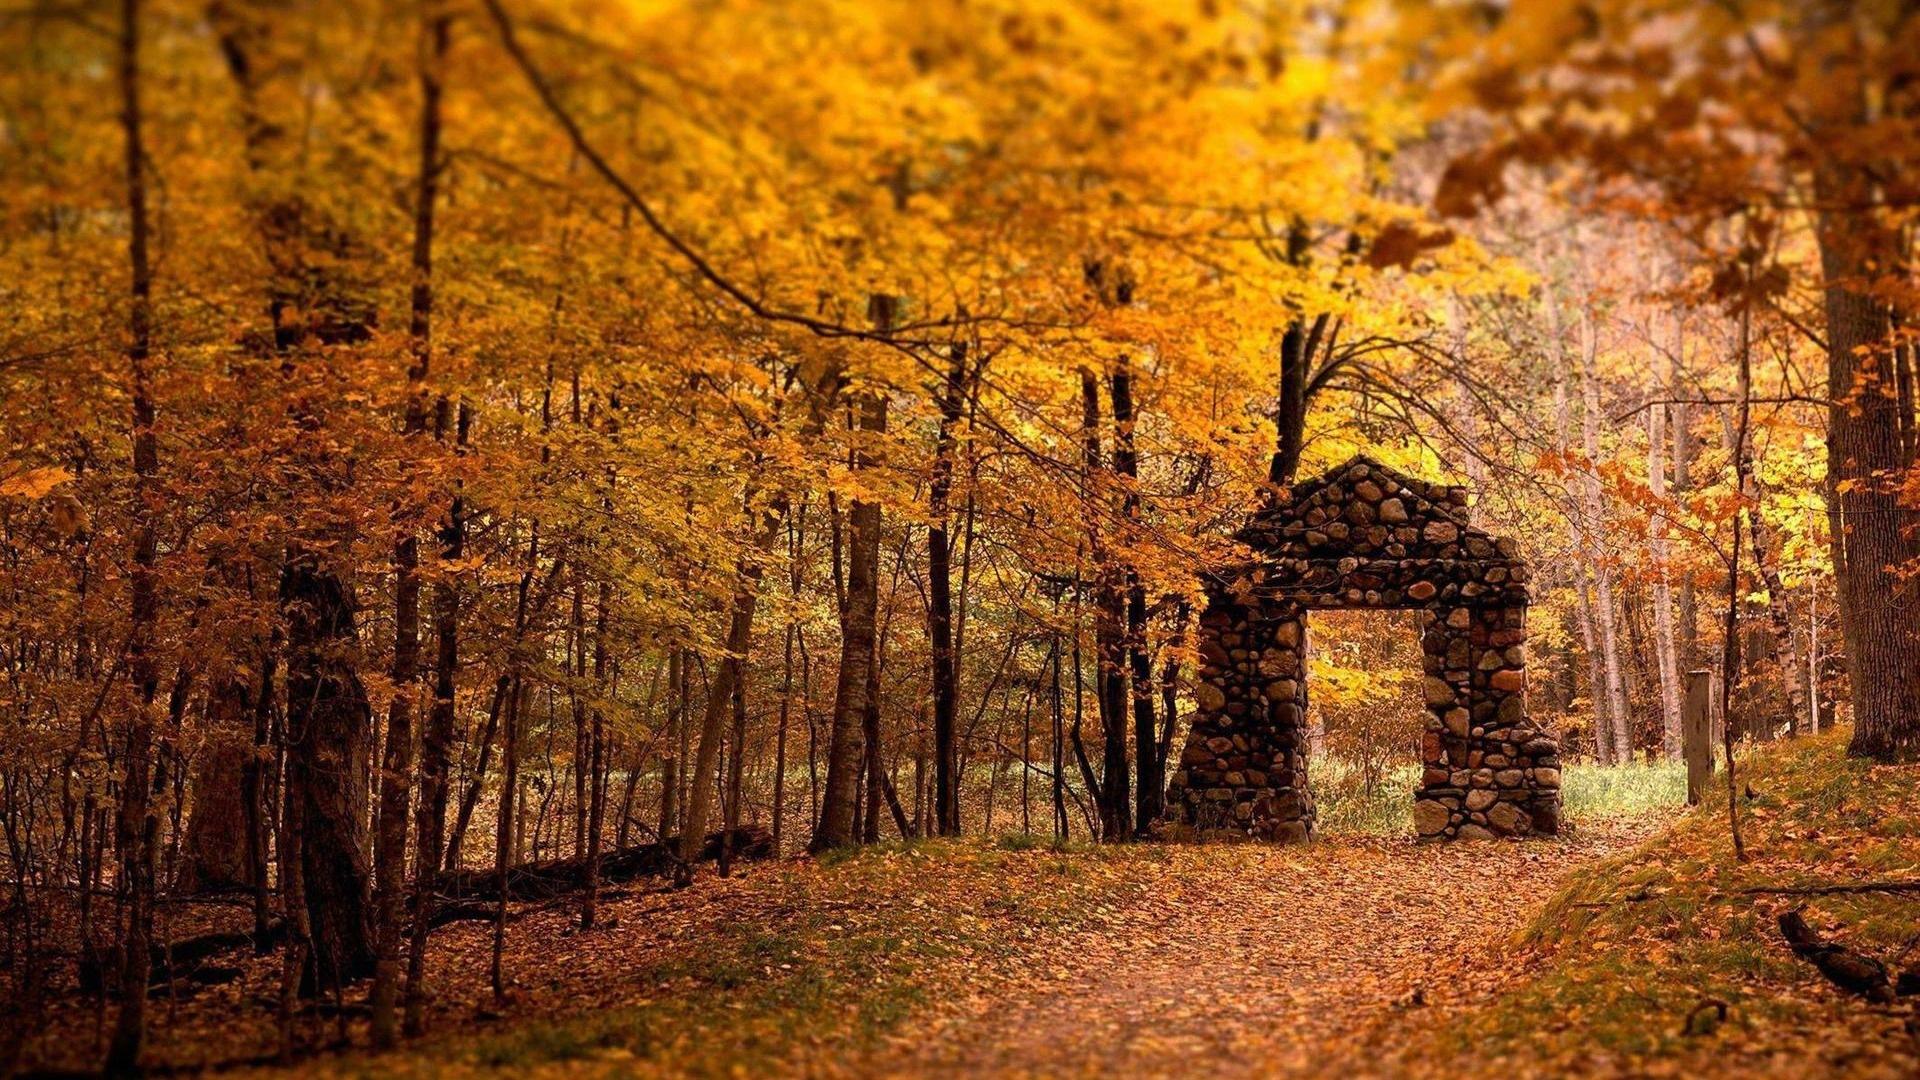 ウィンドウズ8 1テーマのhd壁紙 美しい秋の紅葉 4 19x1080 壁紙ダウンロード ウィンドウズ8 1テーマのhd壁紙 美しい秋の紅葉 システム 壁紙 V3の壁紙